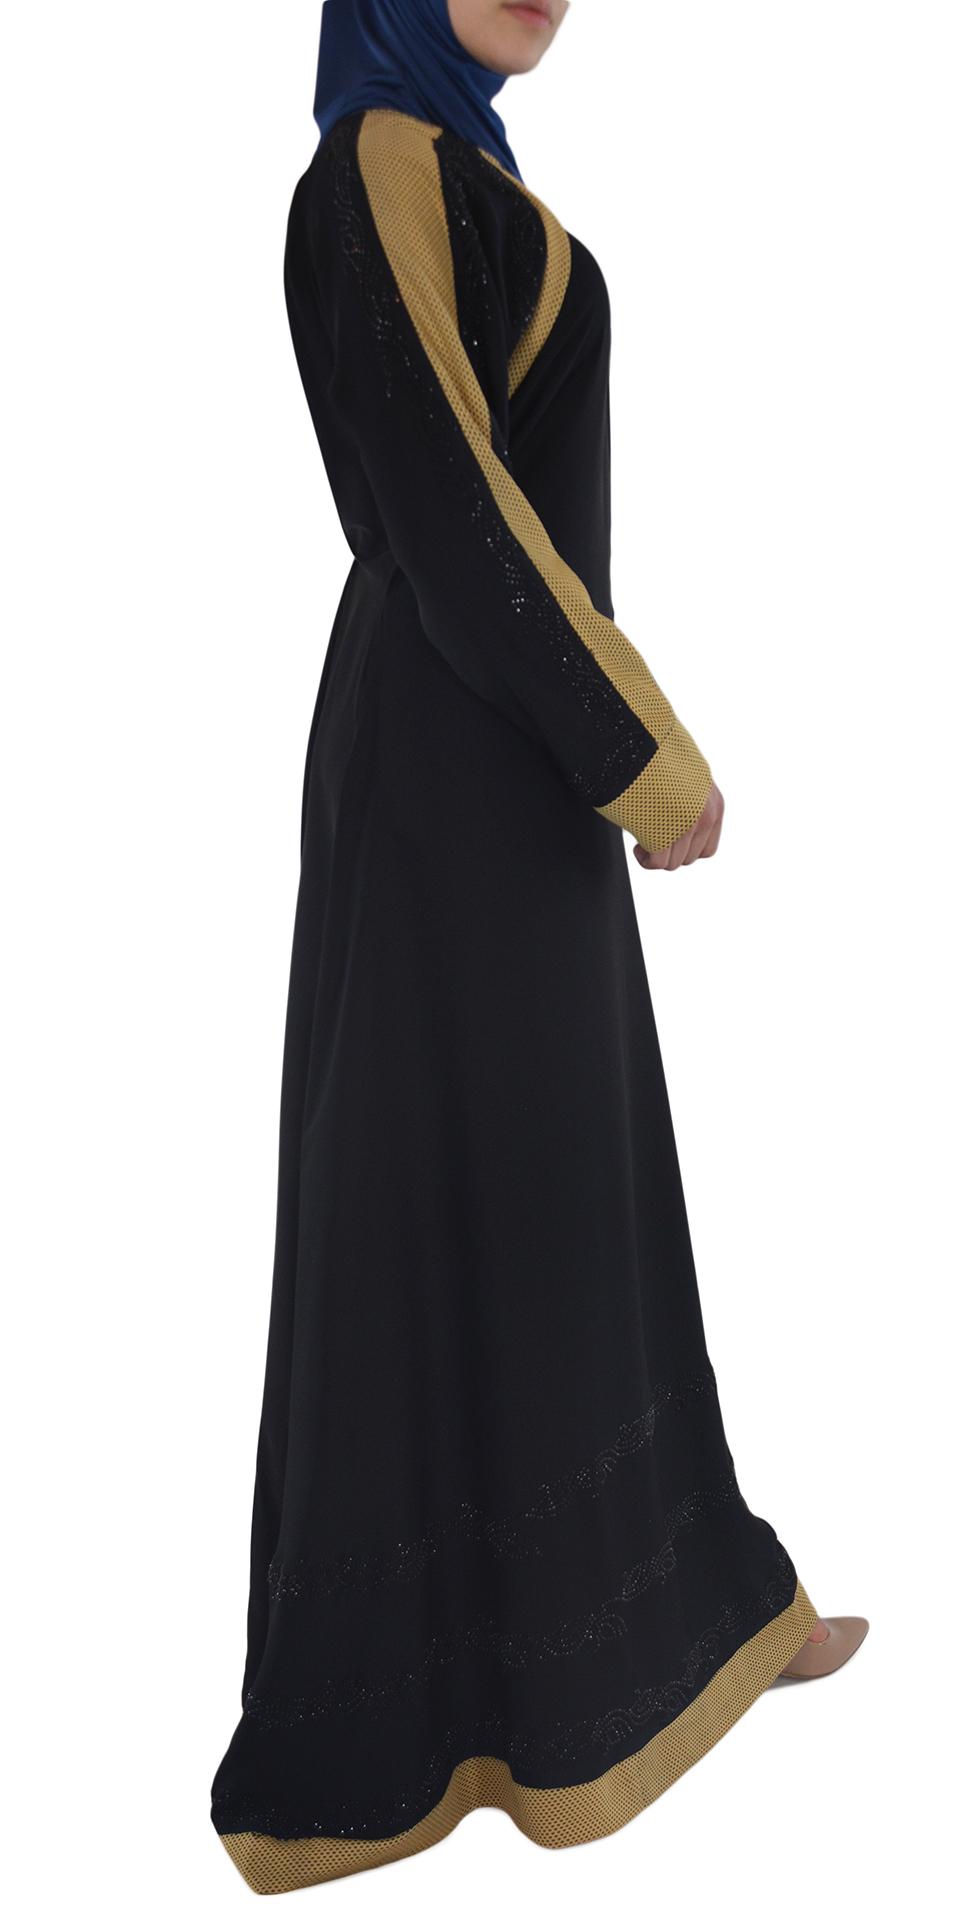 Shirin - Black and Tan Abaya Side